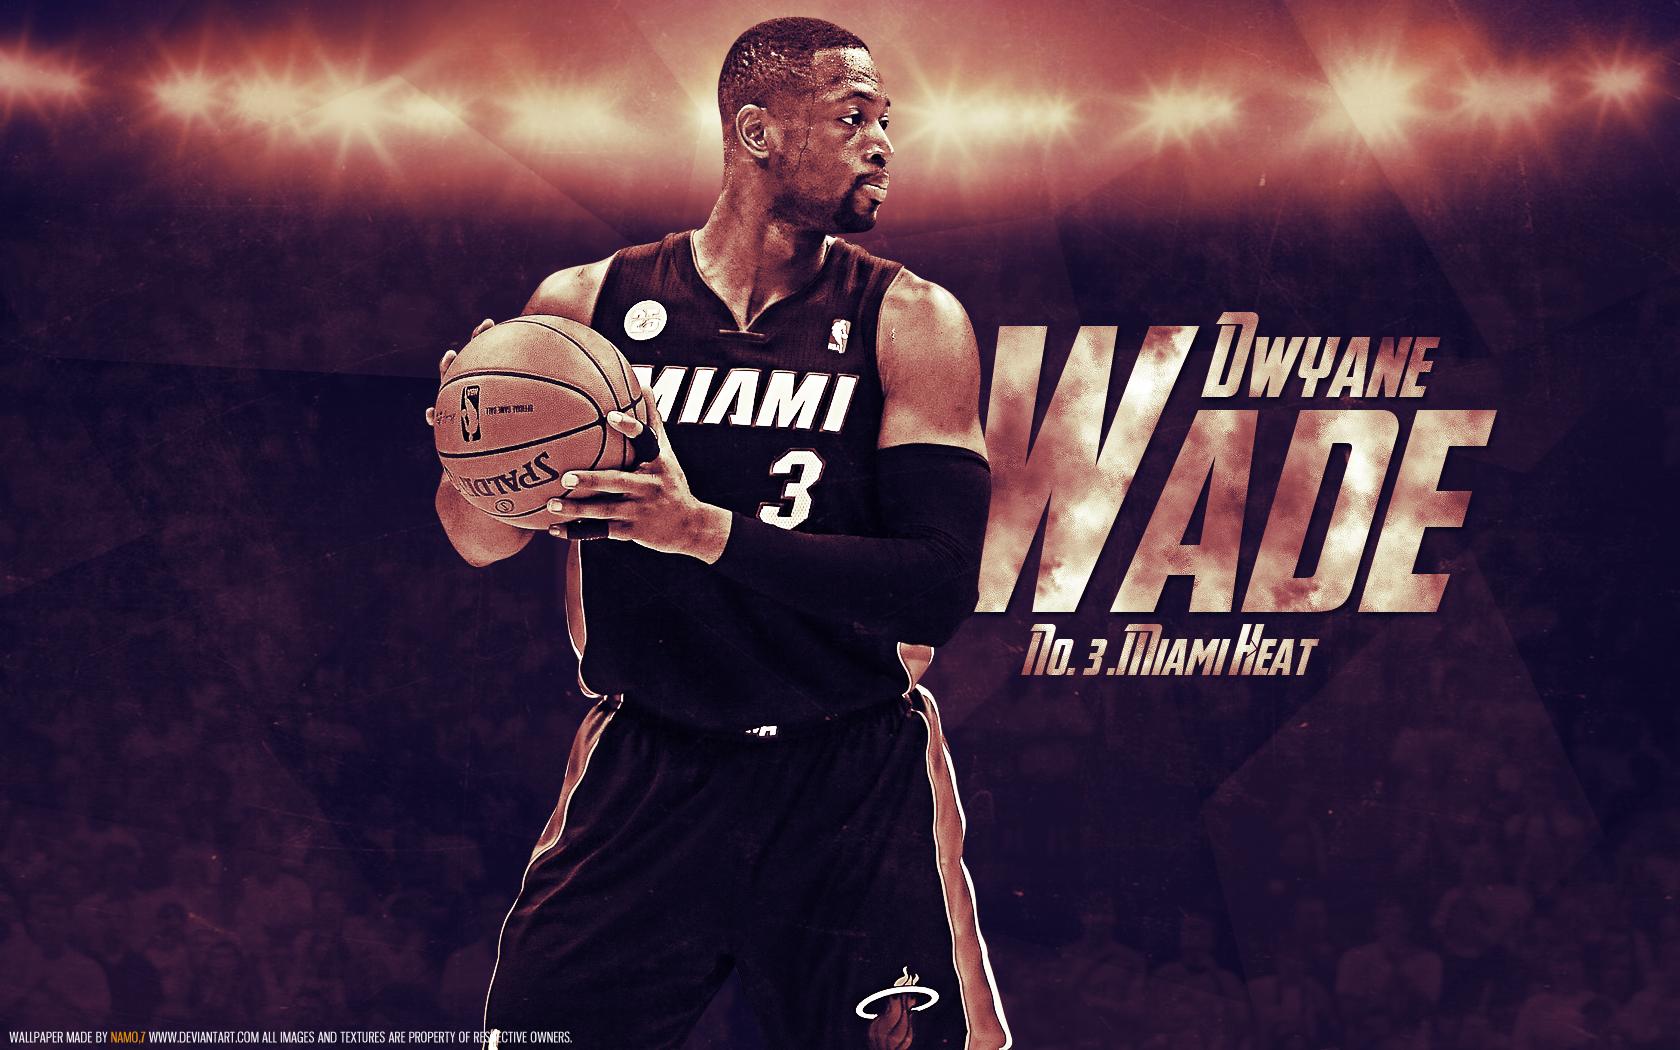 Dwyane Wade 3 by namo7 by 445578gfx 1680x1050